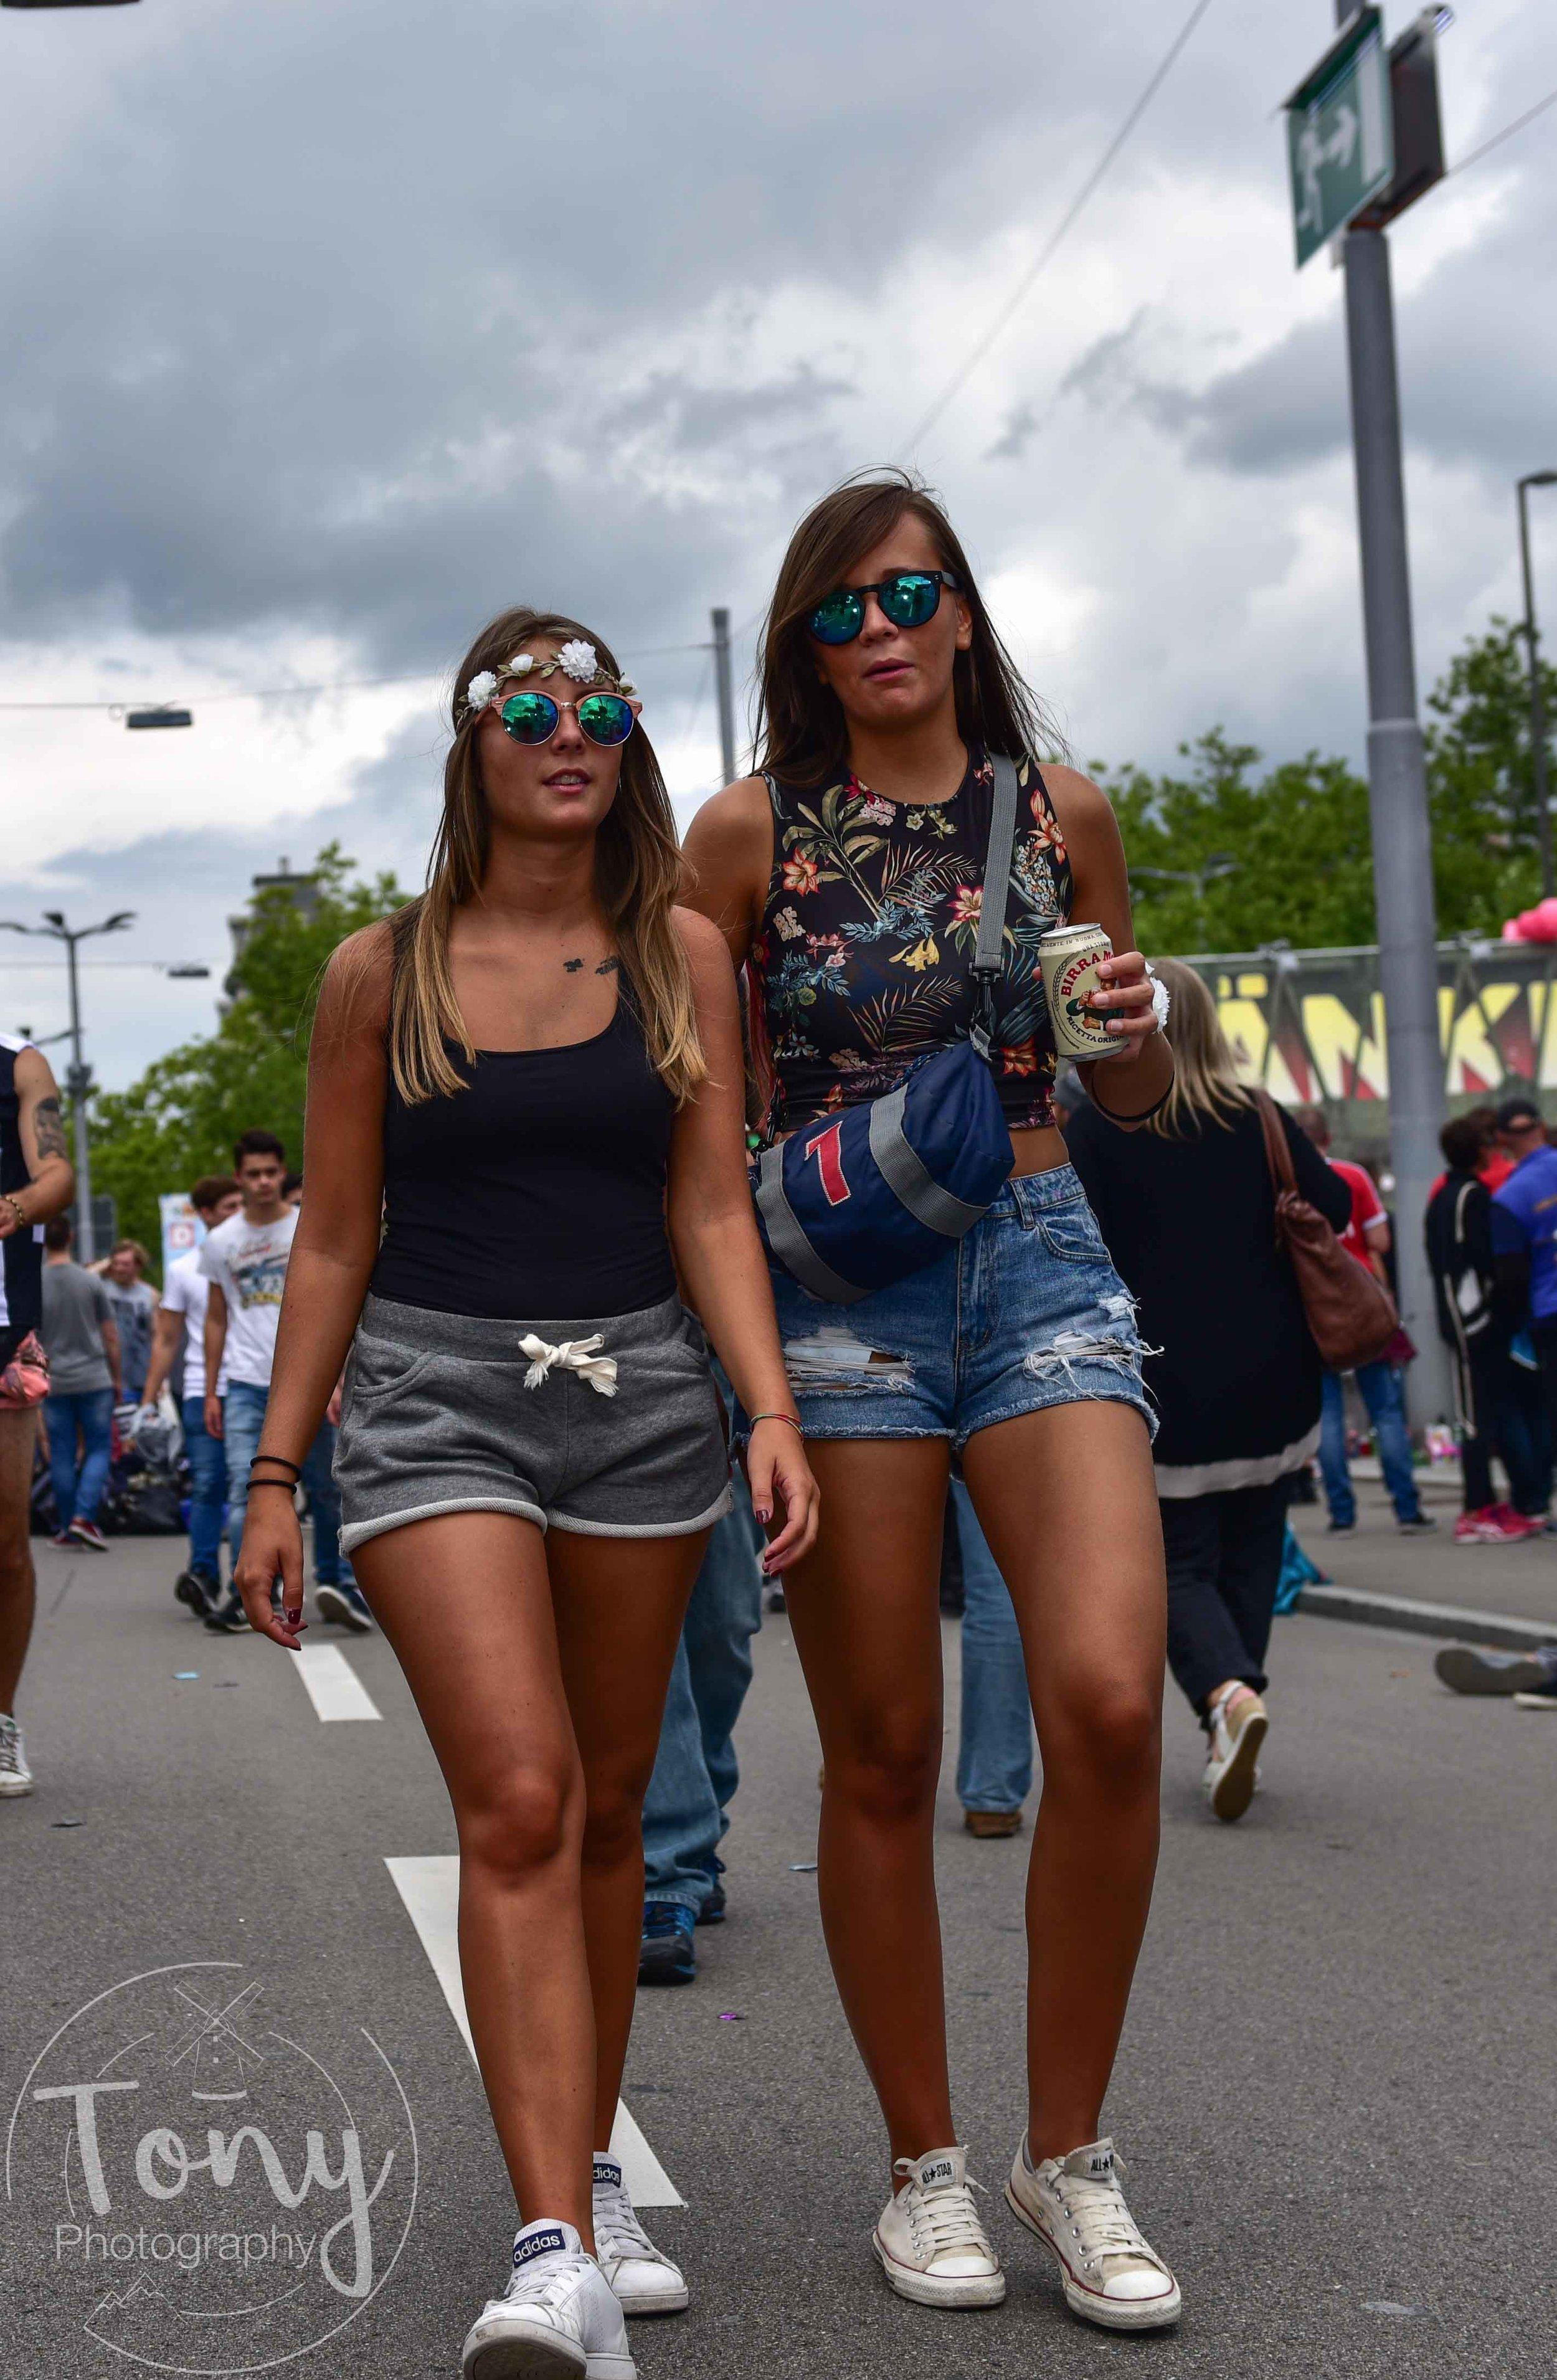 streetparade-11.jpg